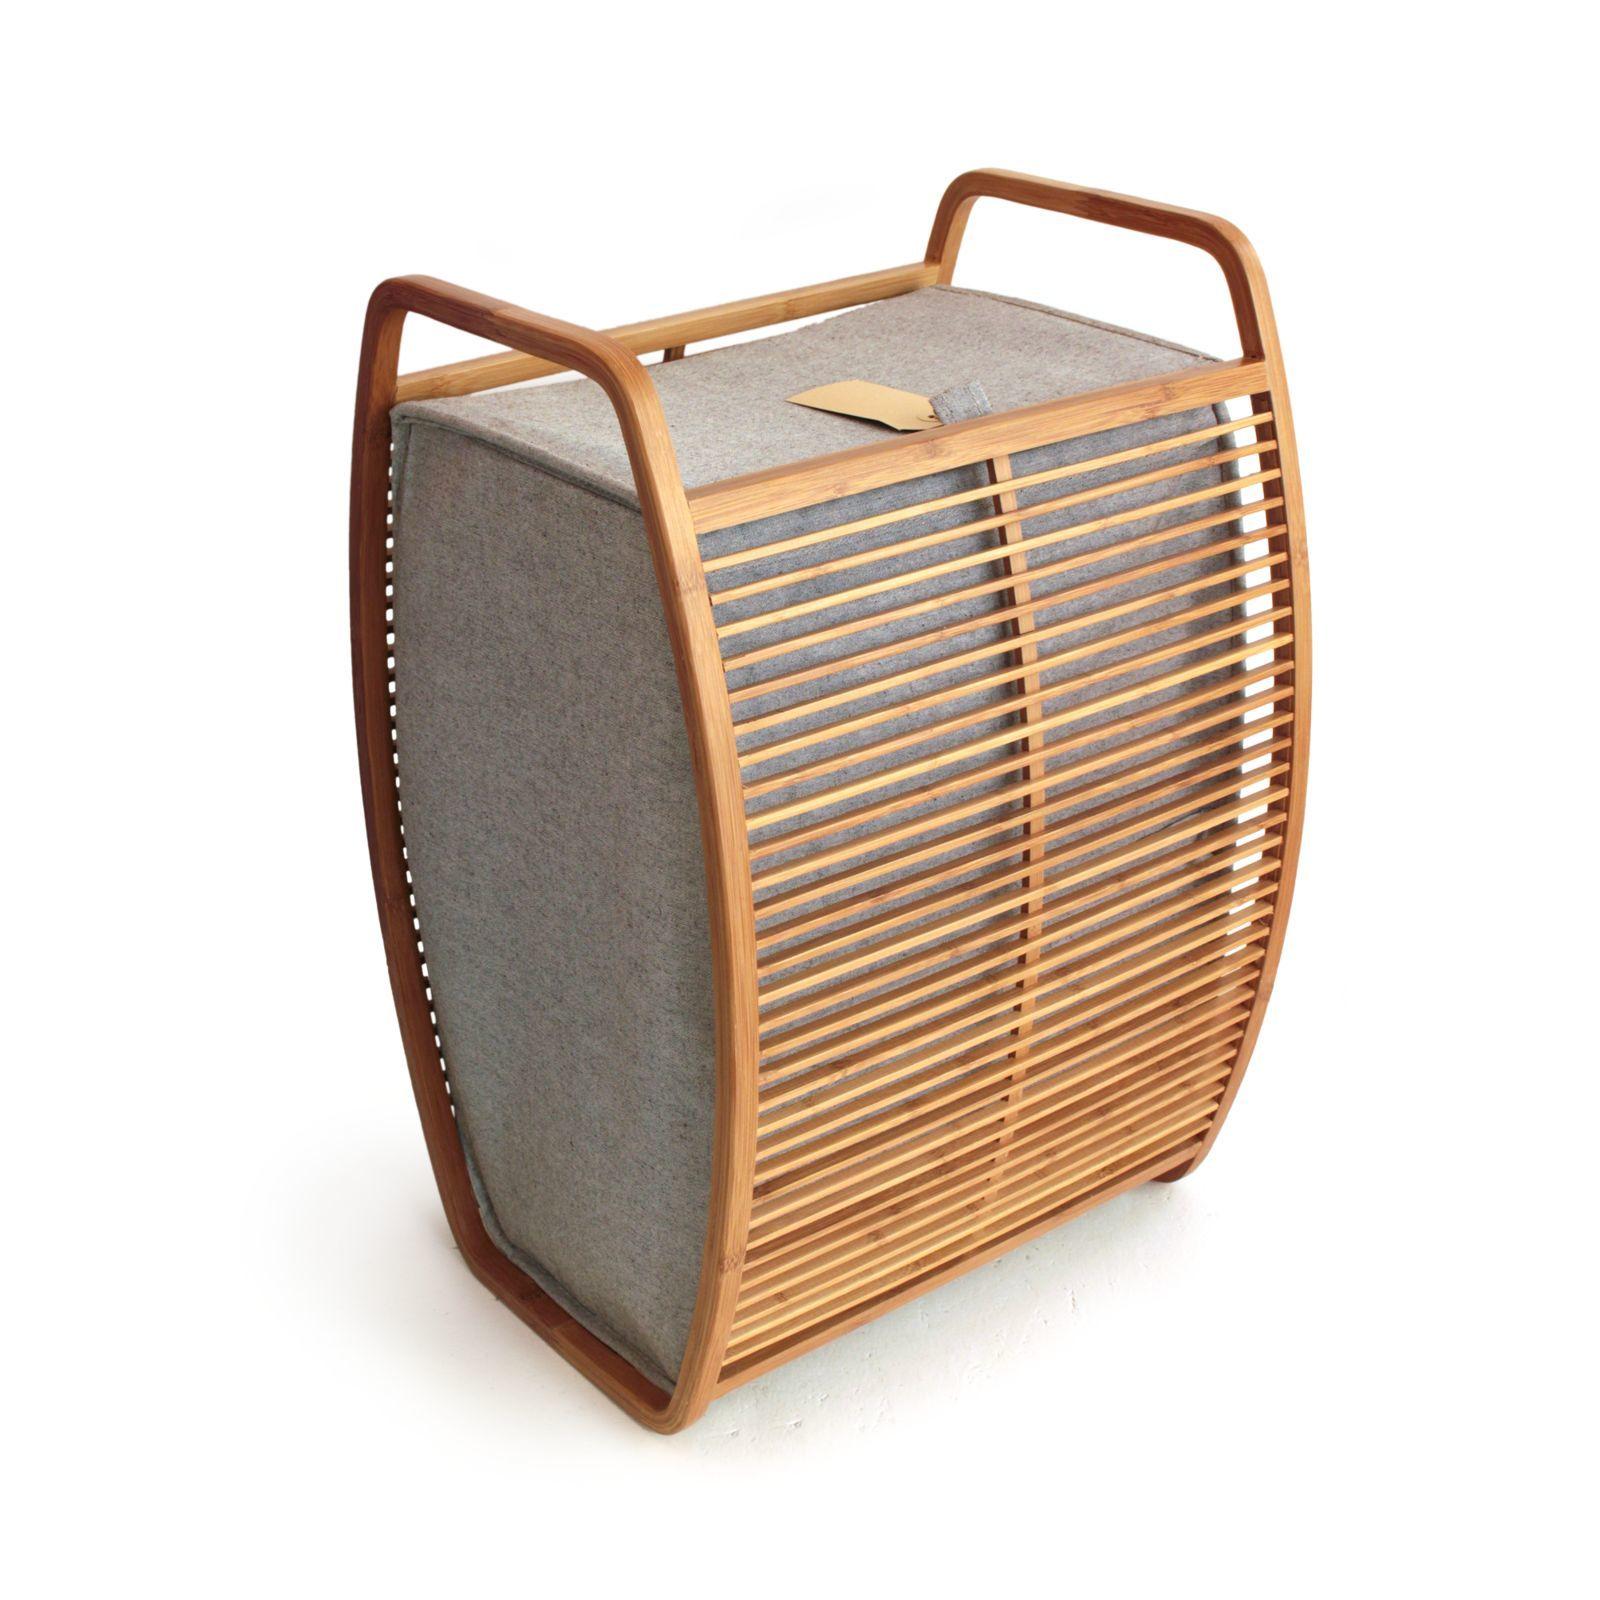 w schekorb m ve frottana formost. Black Bedroom Furniture Sets. Home Design Ideas